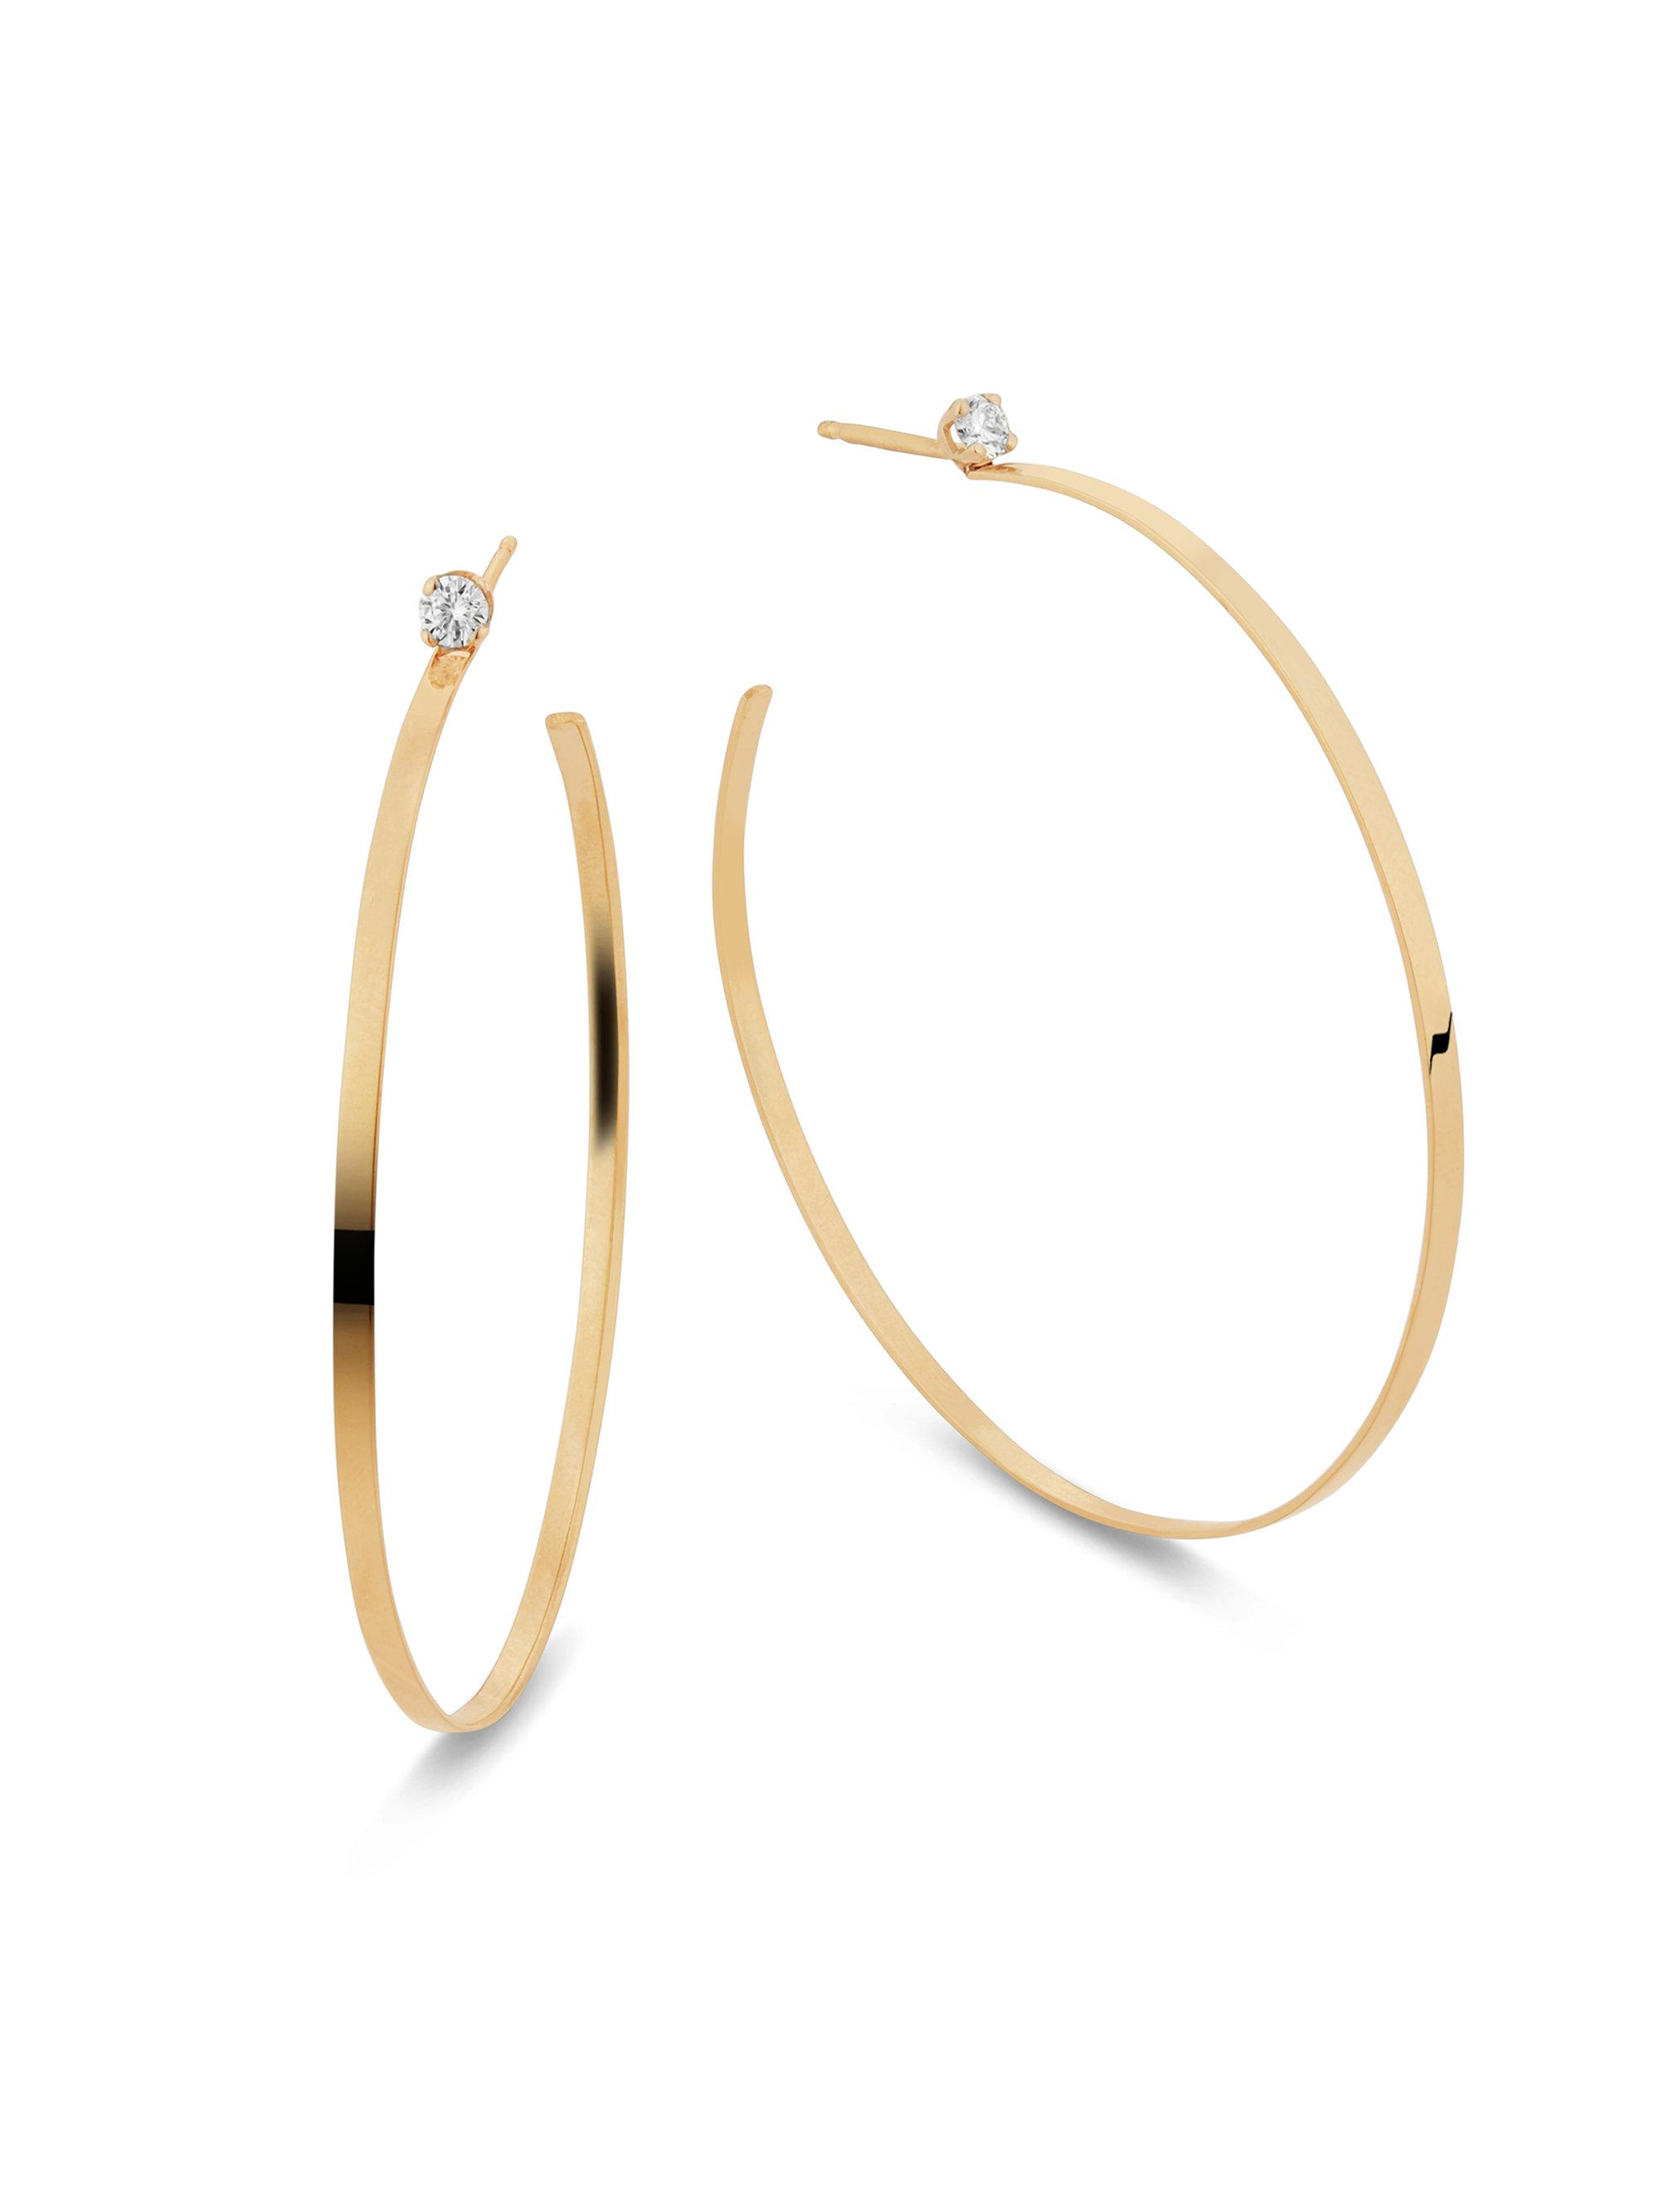 Lana Jewelry Flawless Large Teardrop Hoop Earrings with Diamonds B8JJp7